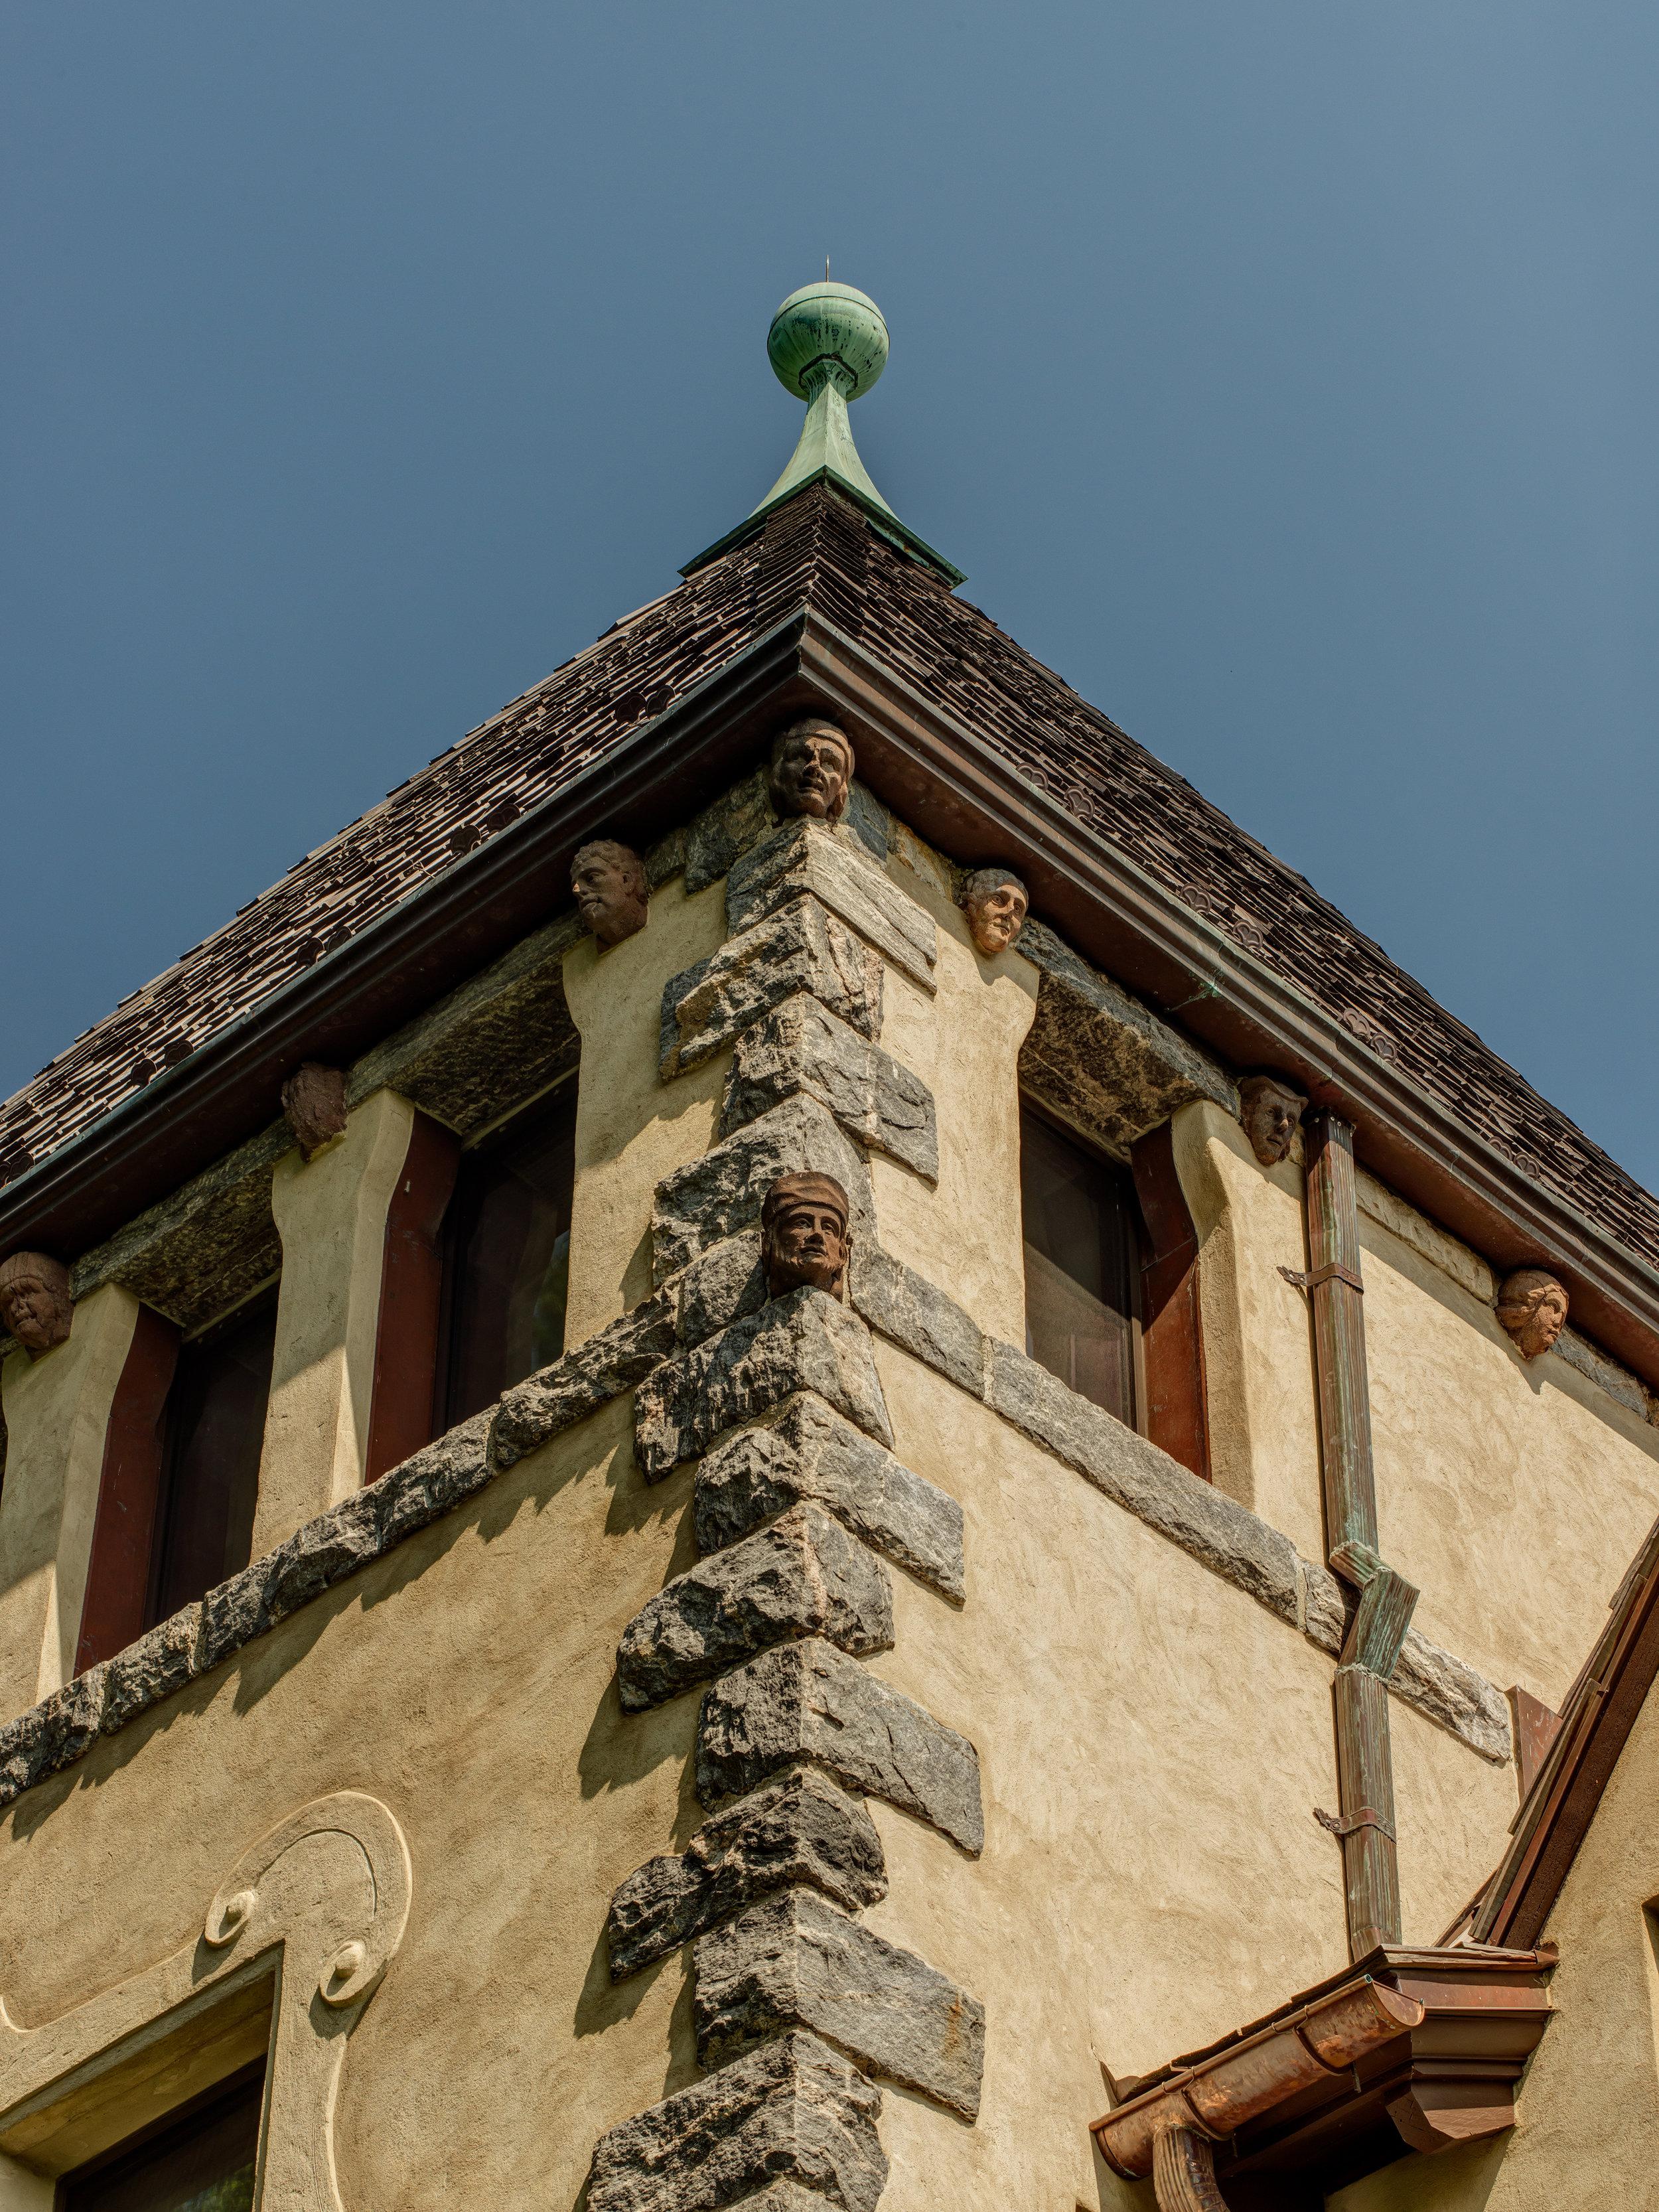 vintage antique belfry medieval restoration